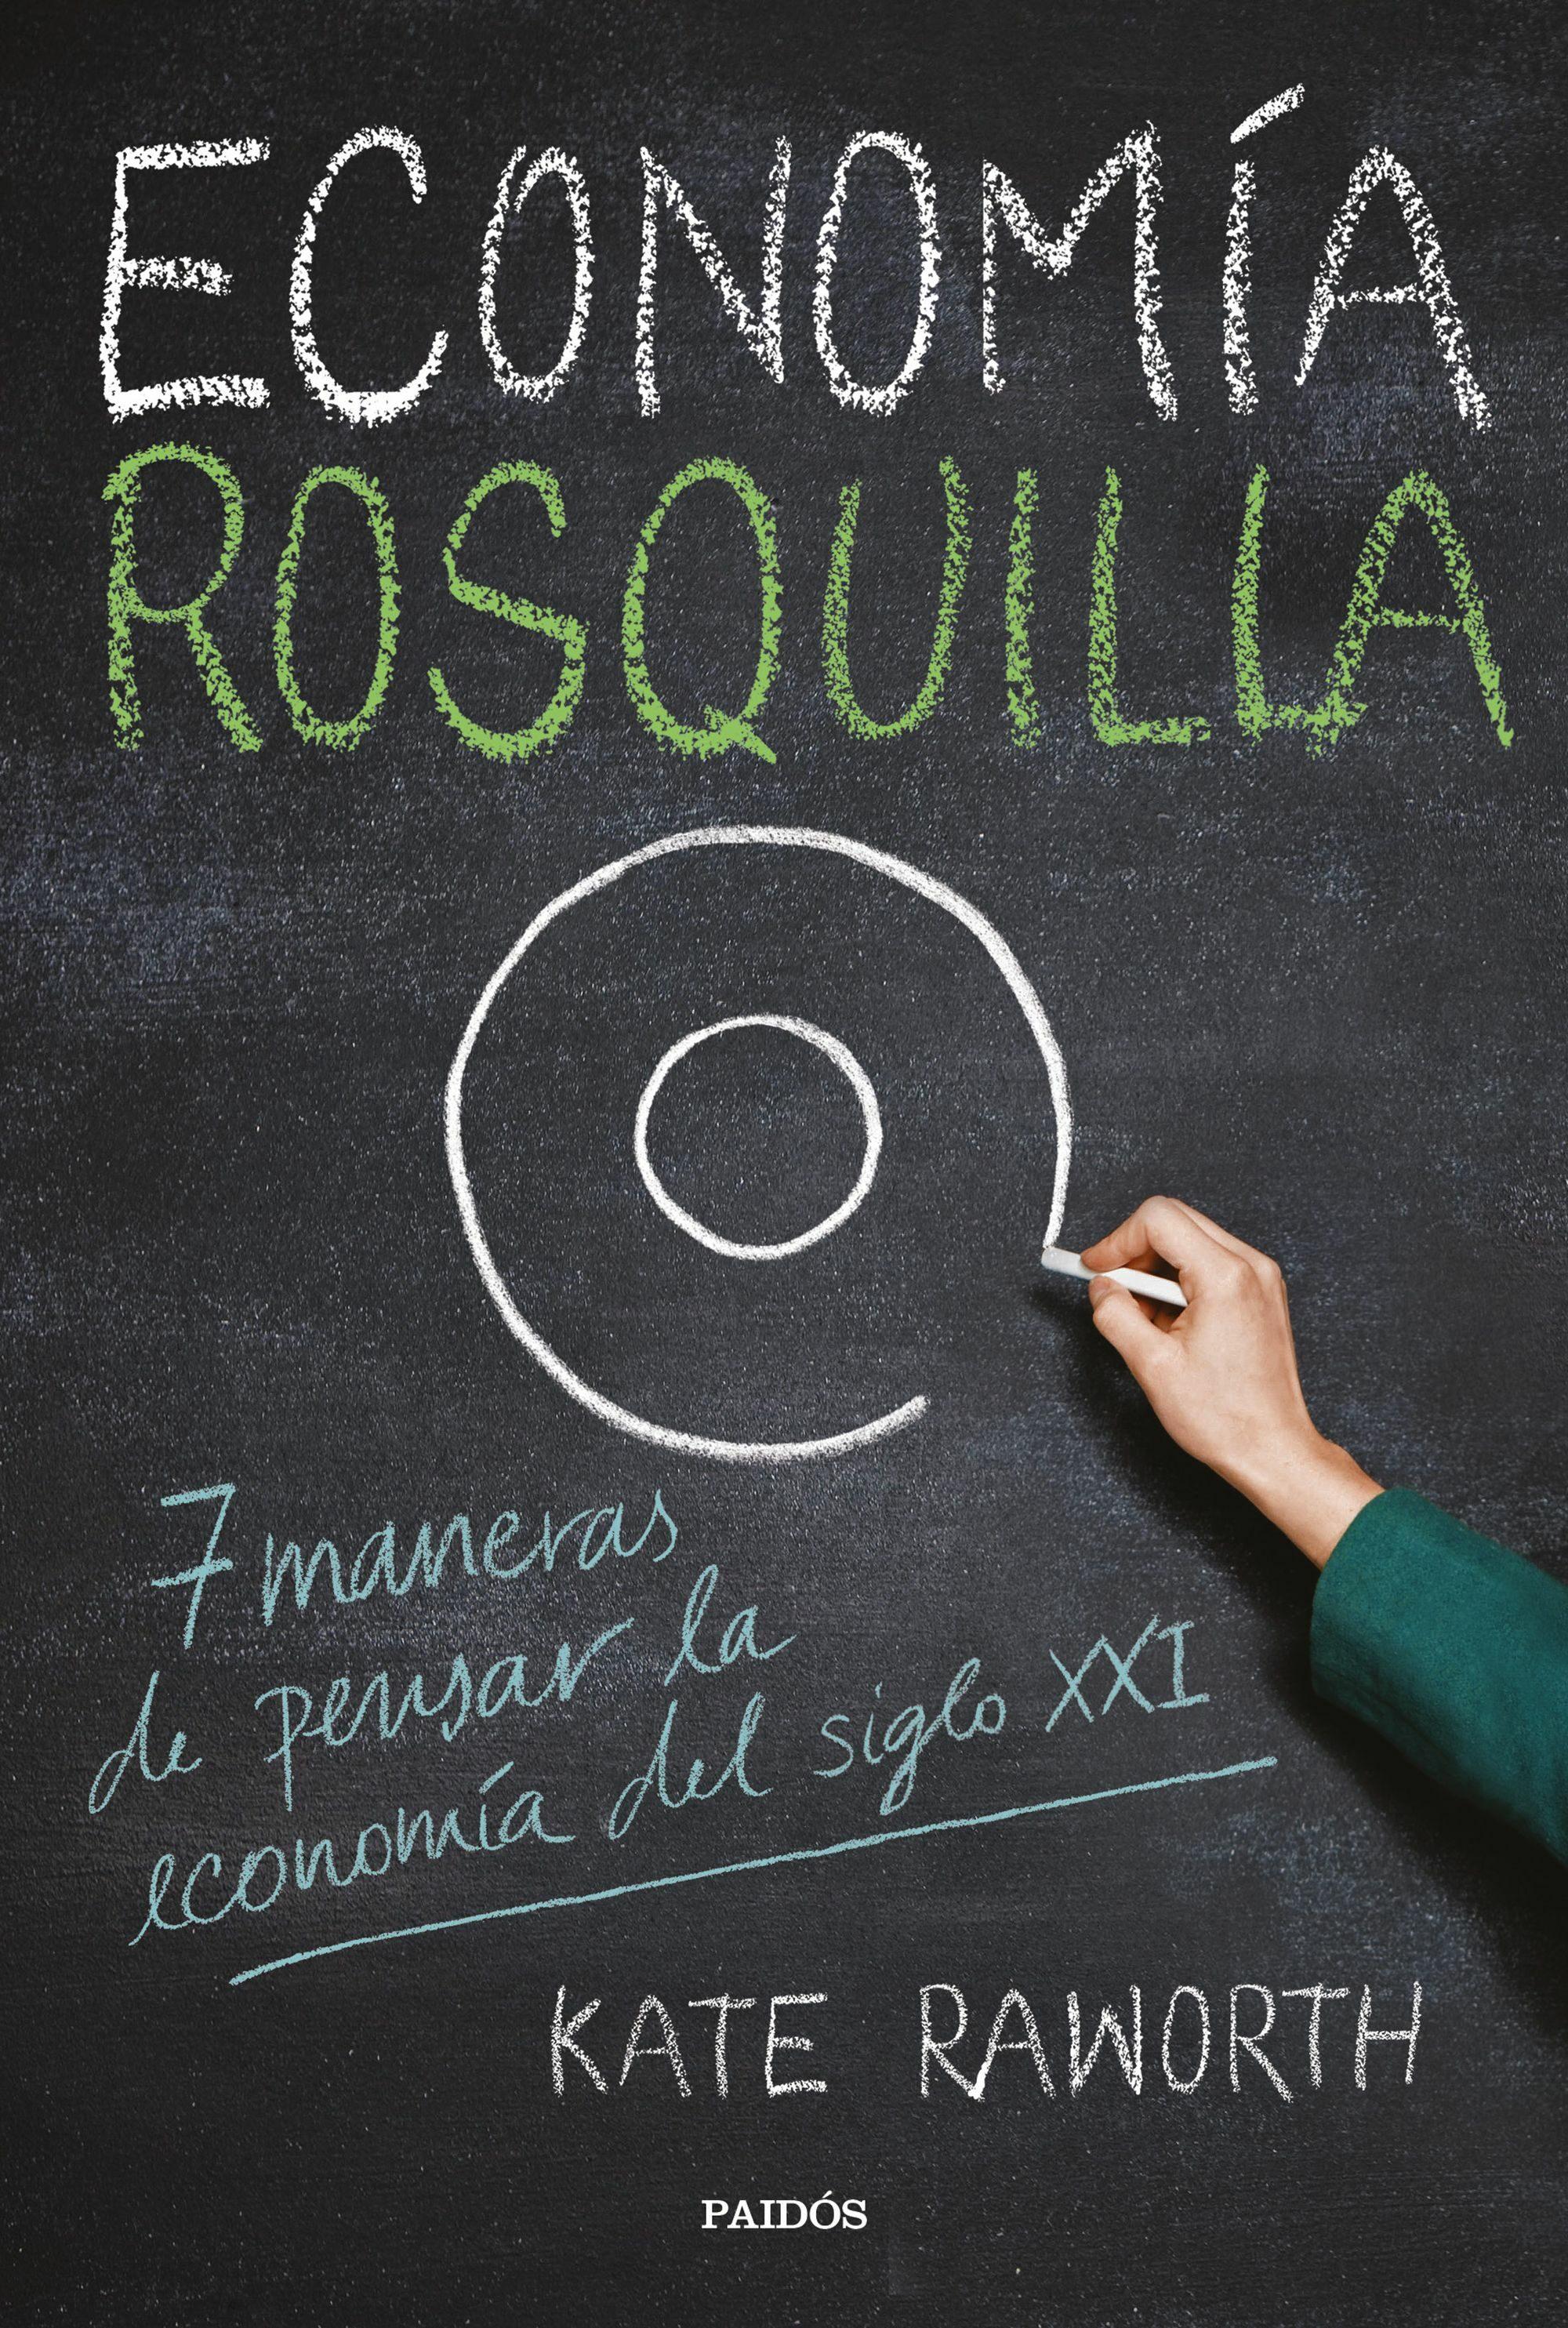 Economia Rosquilla: 7 Maneras De Pensar La Economia Del Siglo Xxi por Kate Raworth